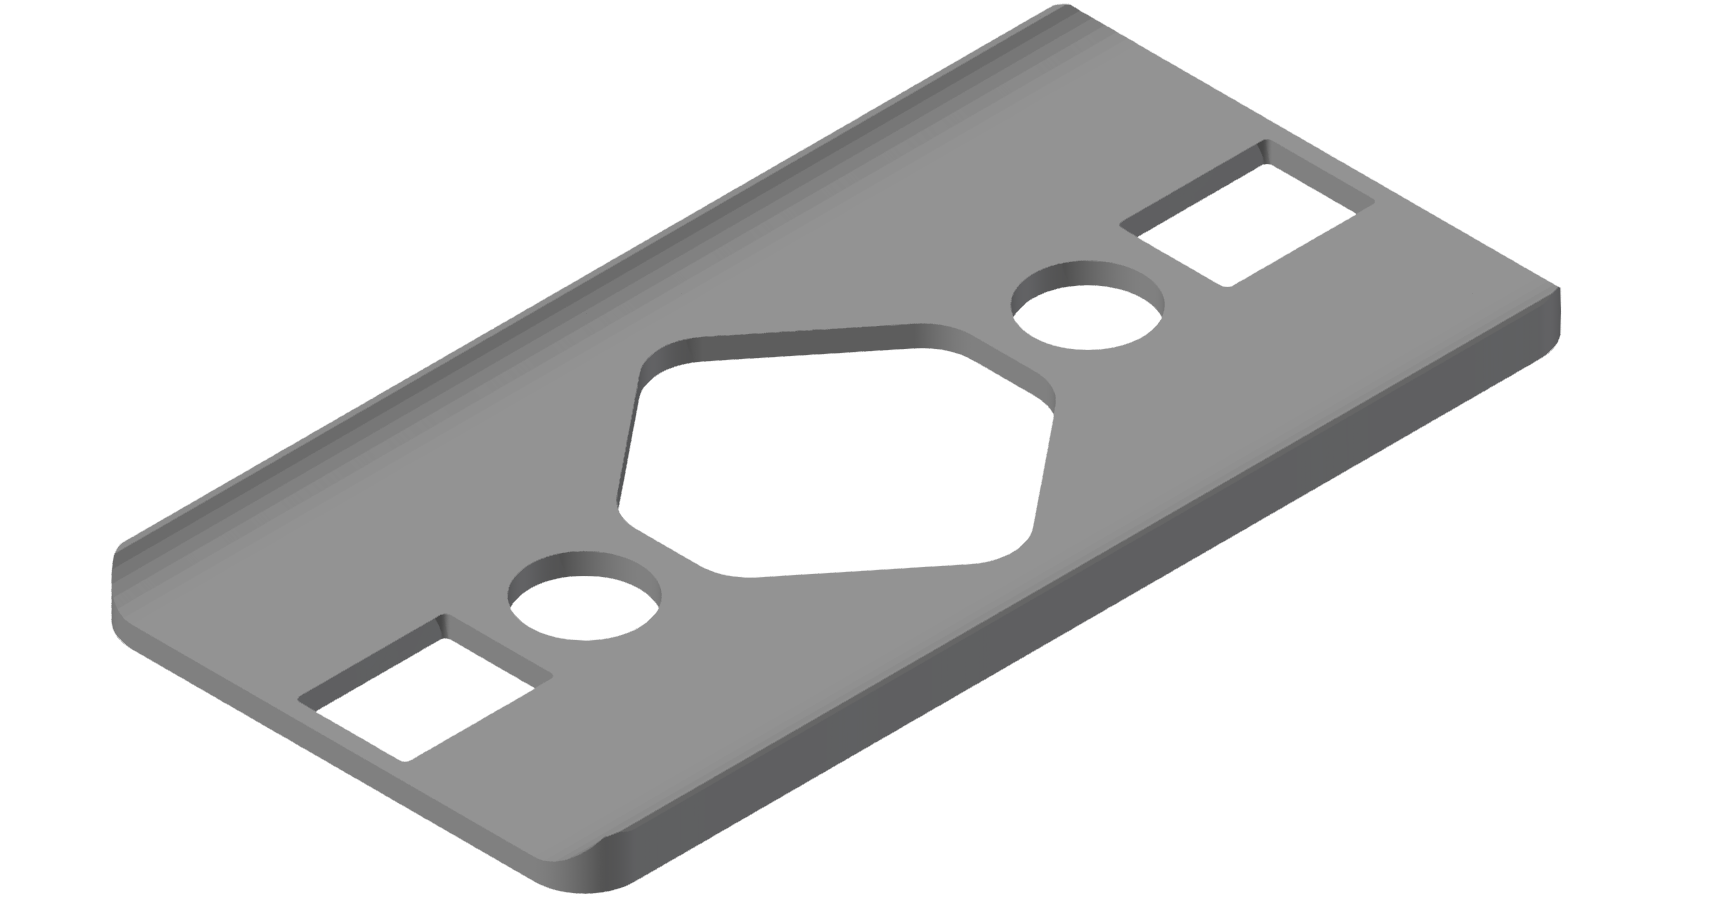 Radien-Dichtung 8 80x40 R80, grau